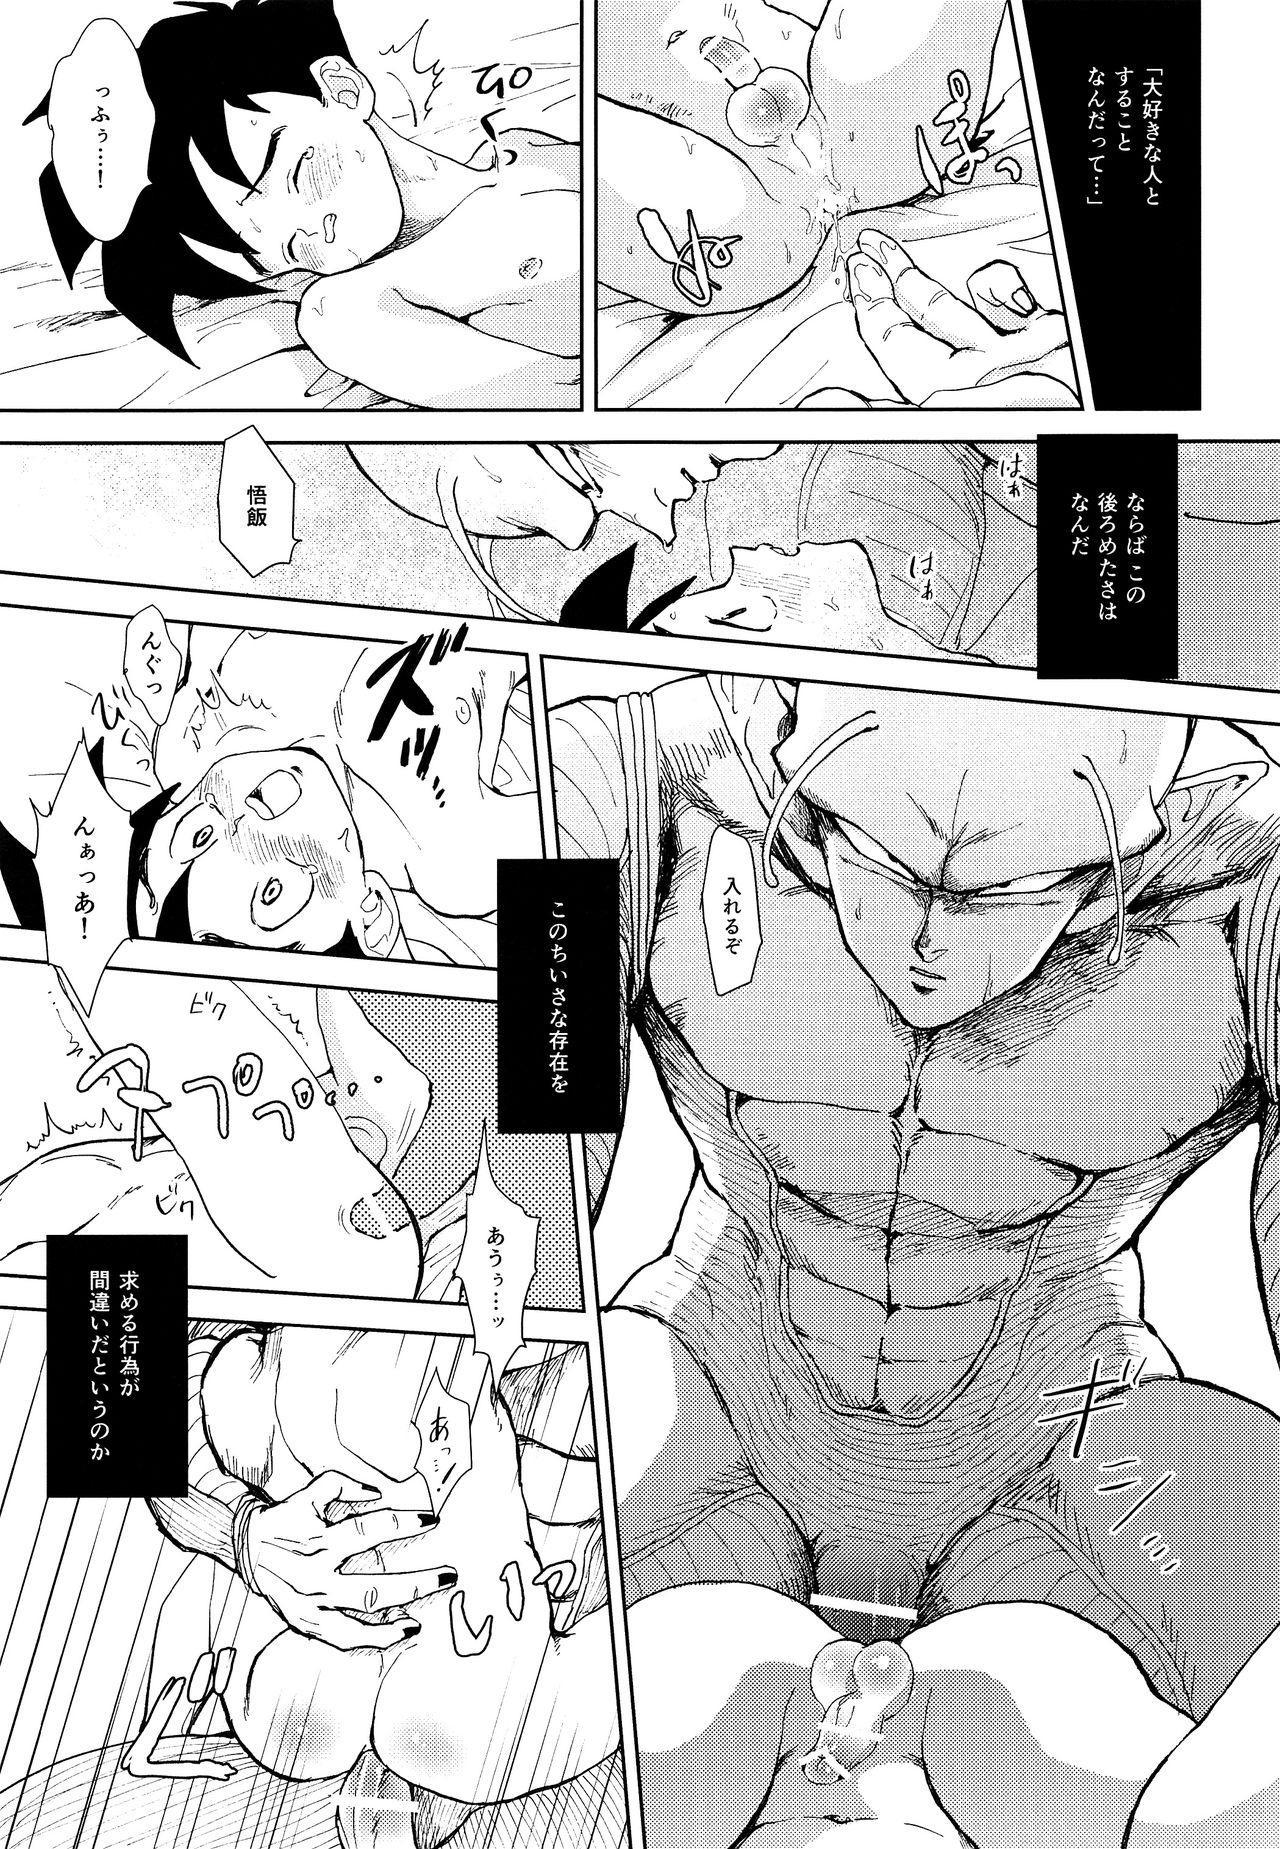 Tsuki ni Somuite 11